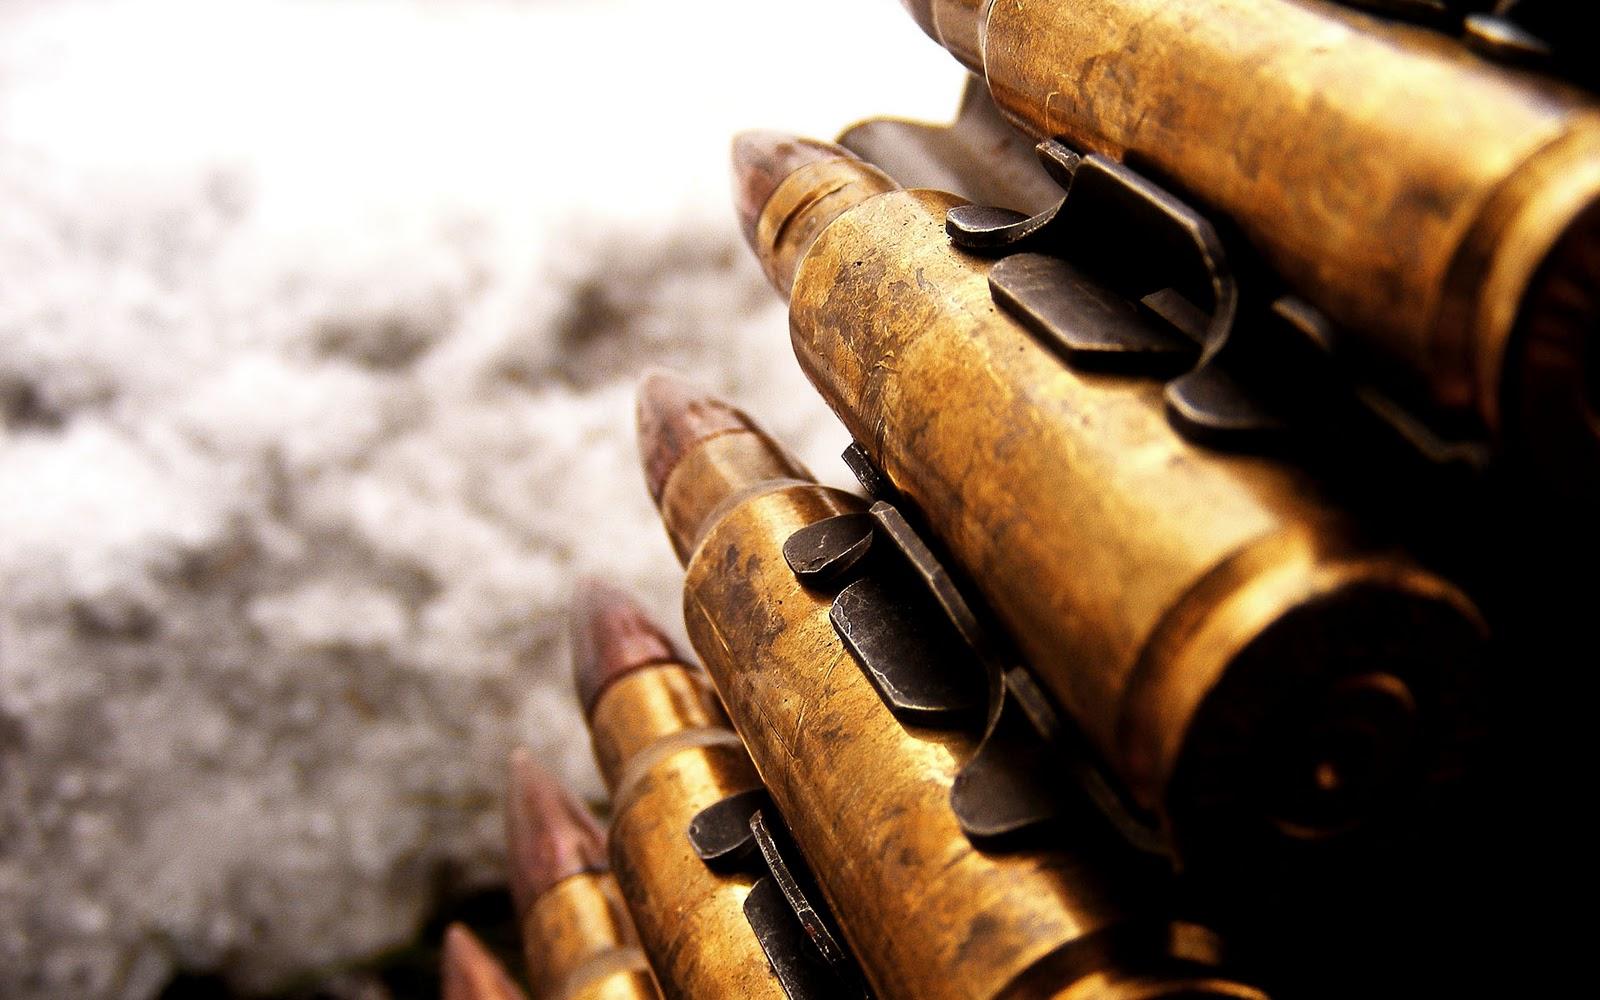 http://4.bp.blogspot.com/_sRGU_JXOz6E/TU16dGiLliI/AAAAAAAABf8/E3MJ5AtVXBg/s1600/4062_gun_guns_weapons.jpg